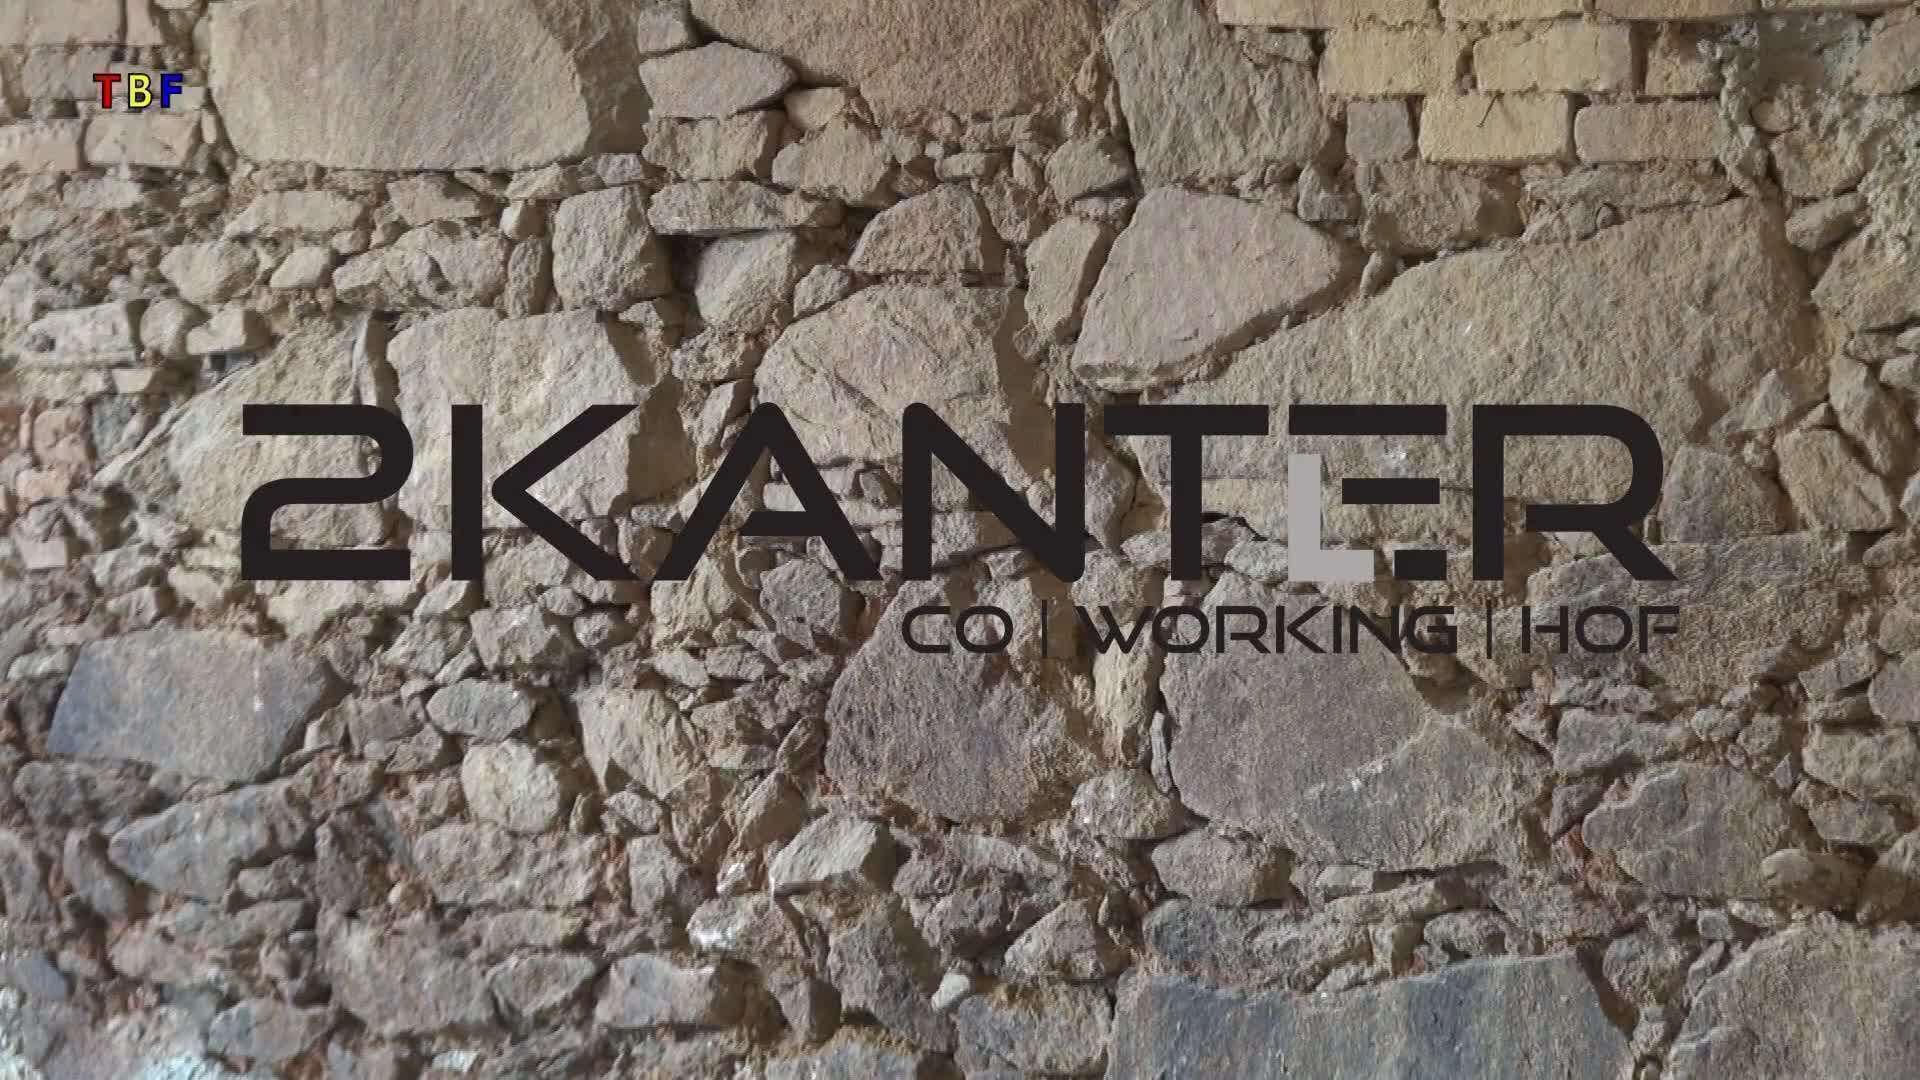 2KANTER Co-Working-Hof